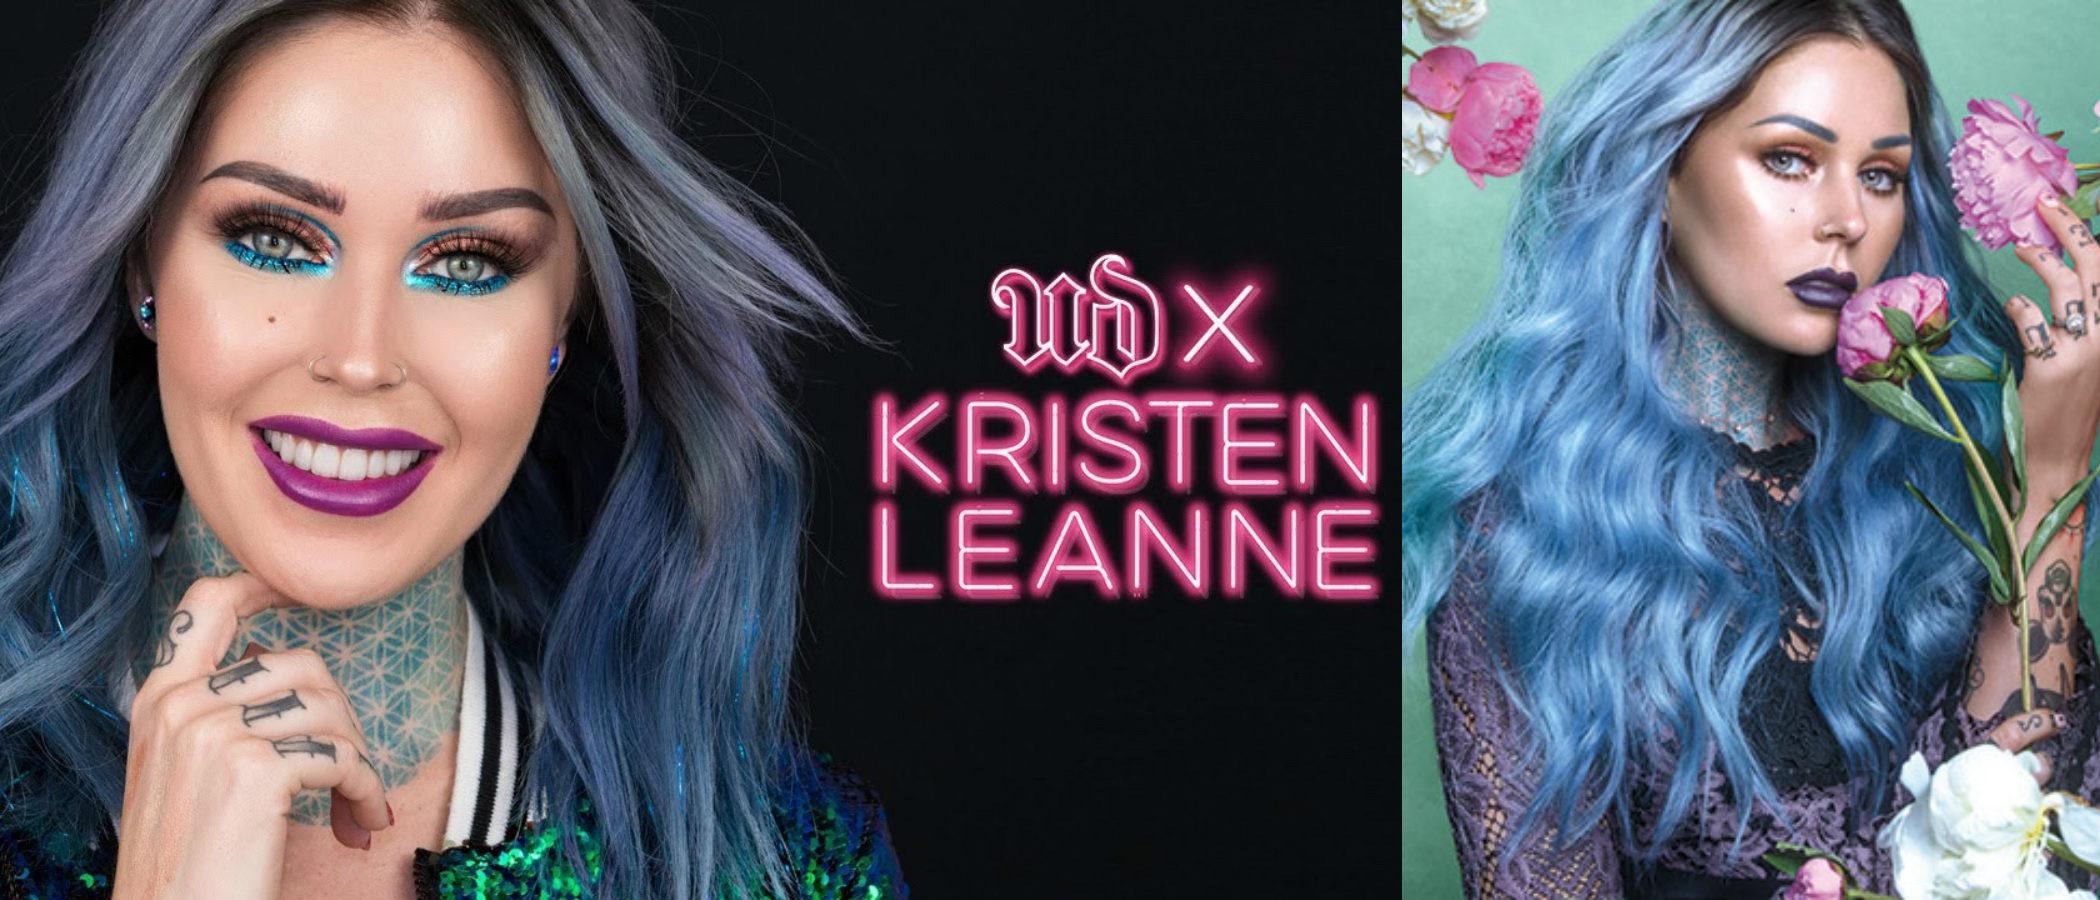 Urban Decay presenta su colección de maquillaje en colaboración con Kristen Leanne